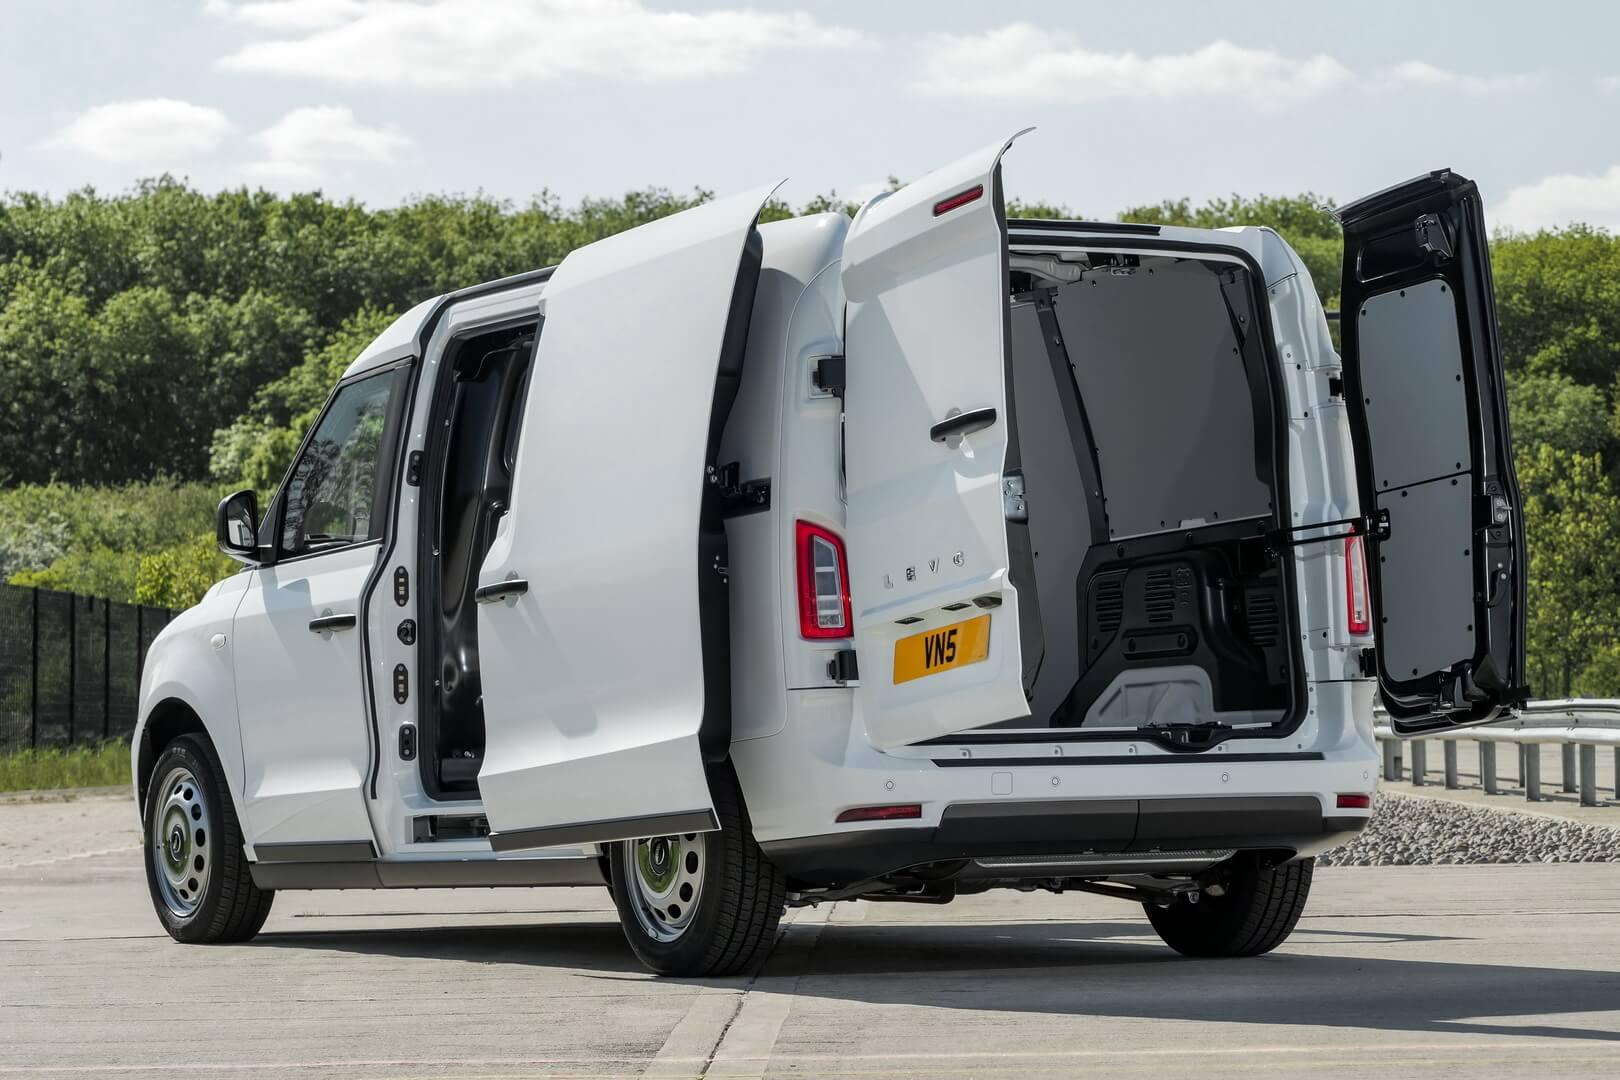 Фургон LEVC VN5 может проехать 93 км в полностью электрическом режиме